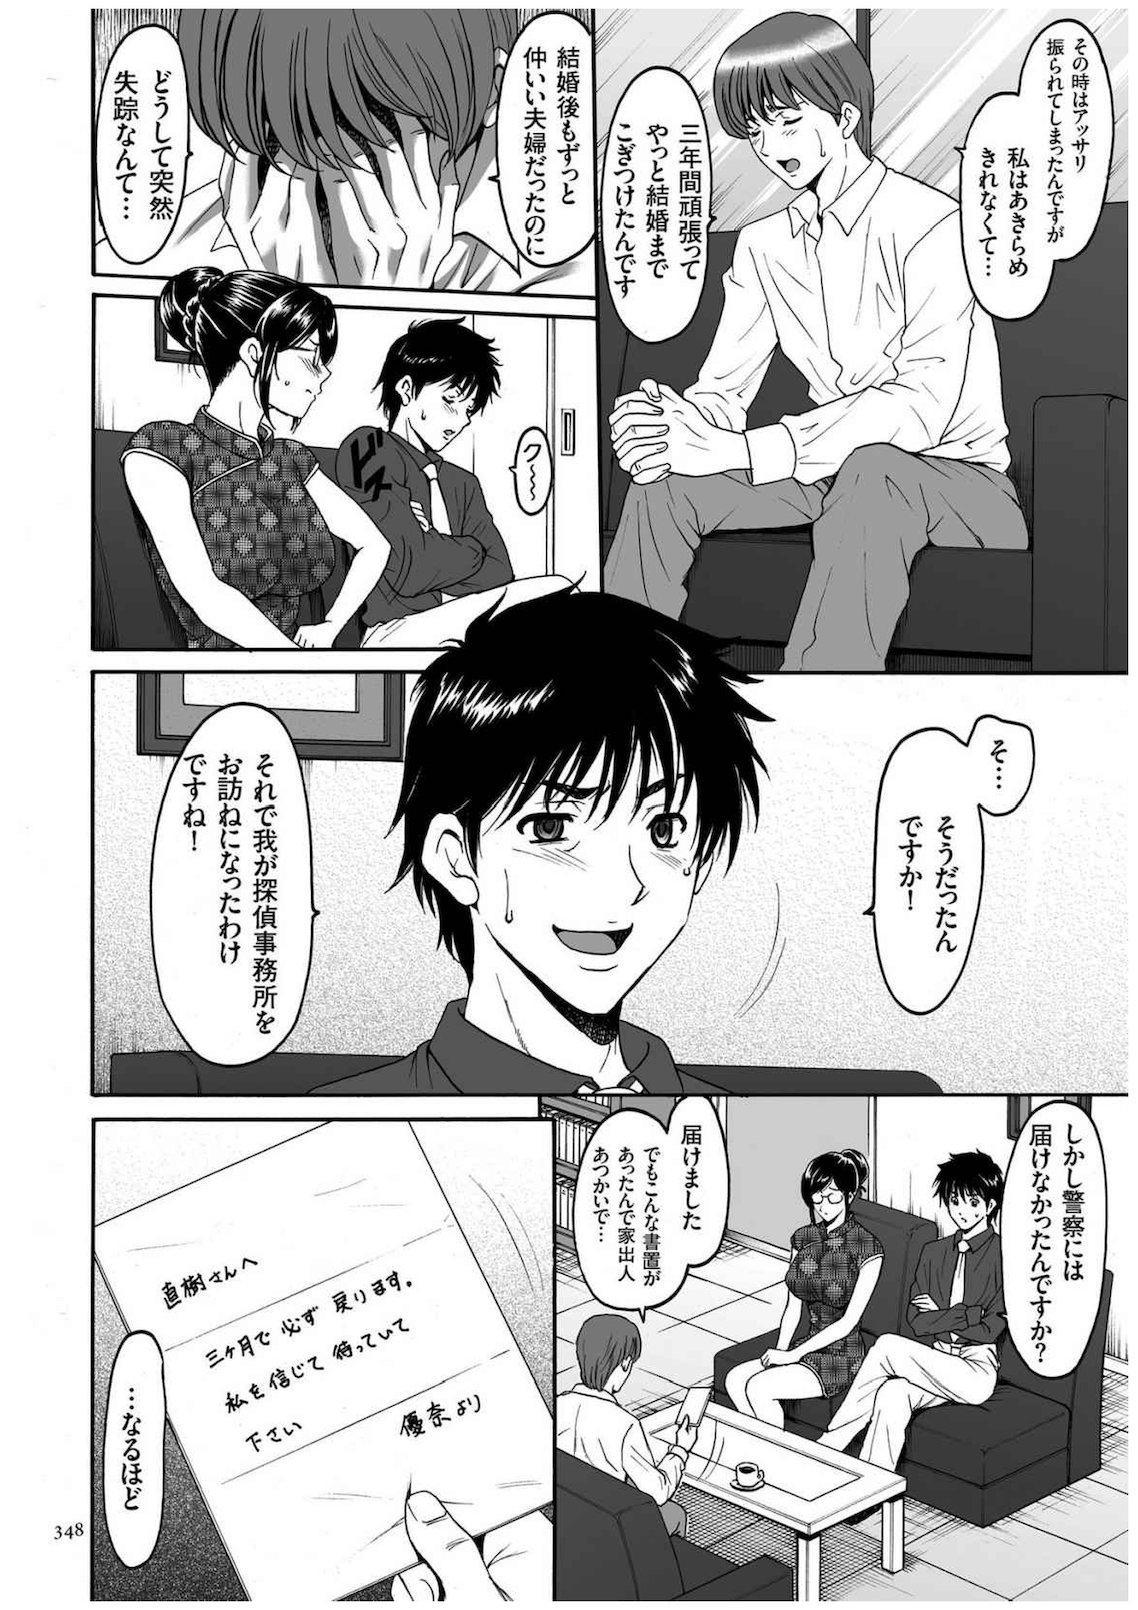 Sennyu Tsuma Satomi Kiroku 346